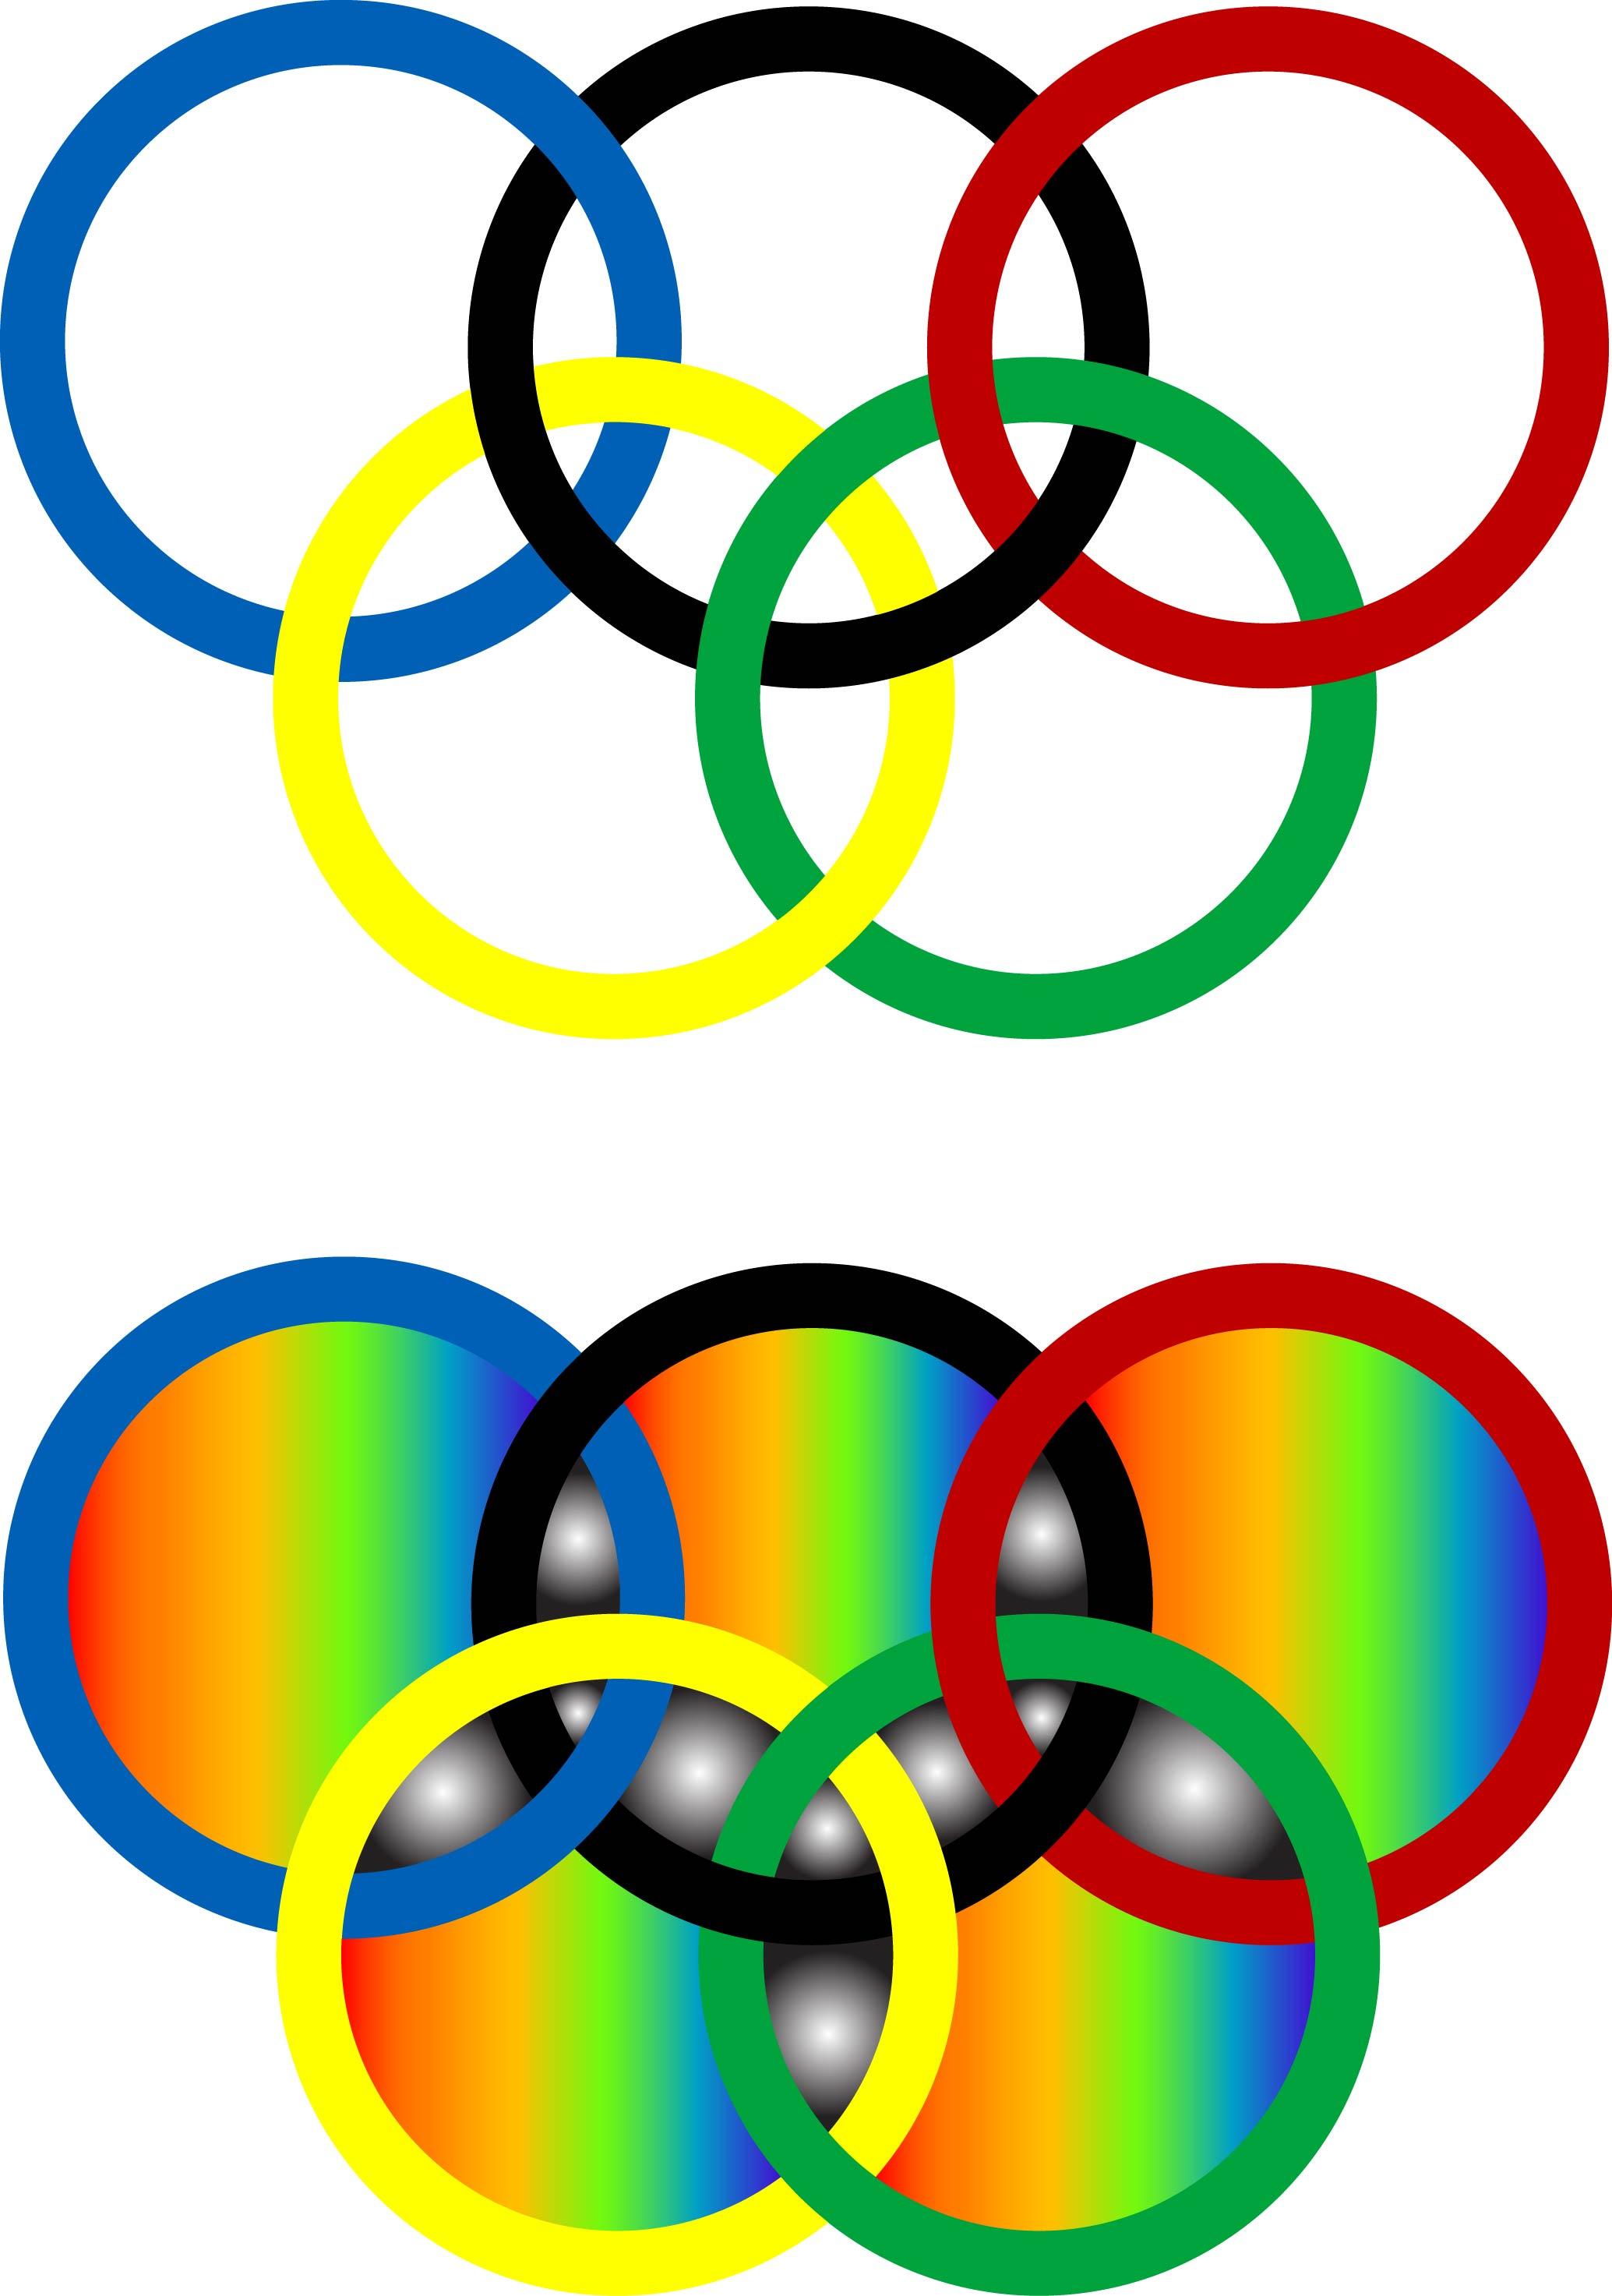 колец картинку олимпийских